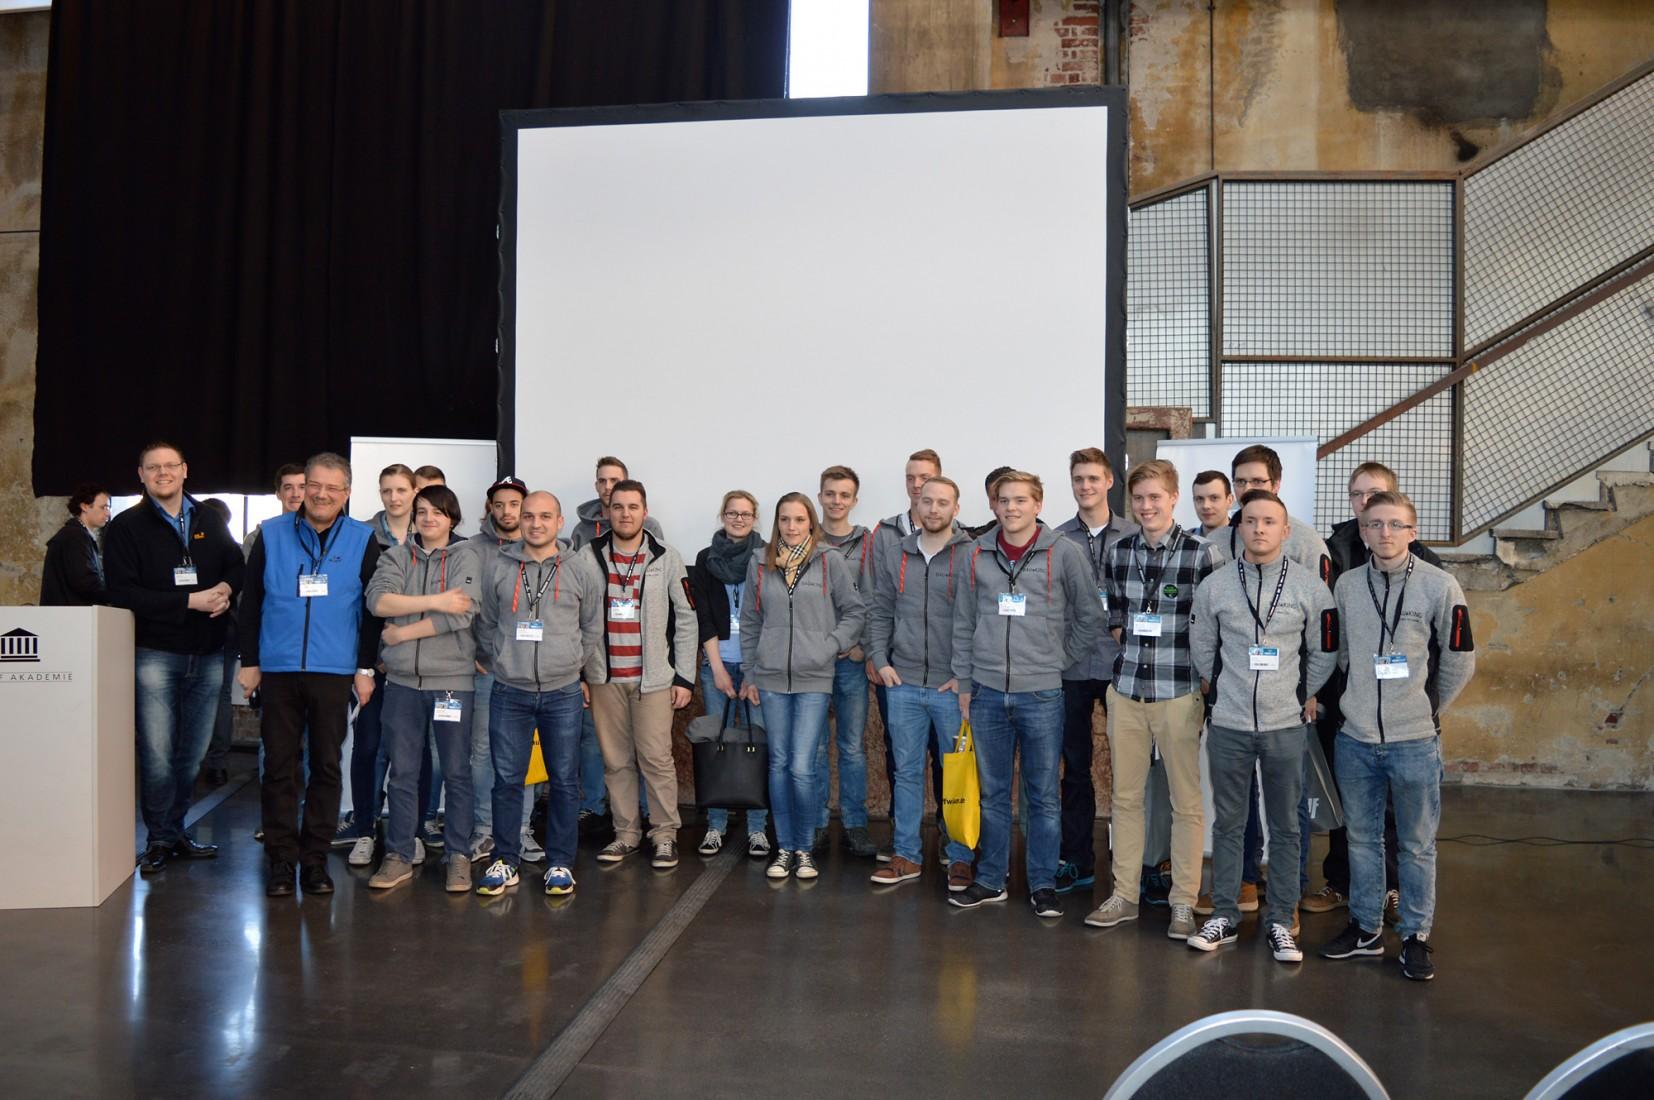 Gruppenfoto aller Teilnehmer/-innen am Azubi-Tag auf den Knauf Werktagen in Düsseldorf. Foto: Redaktion/-ts